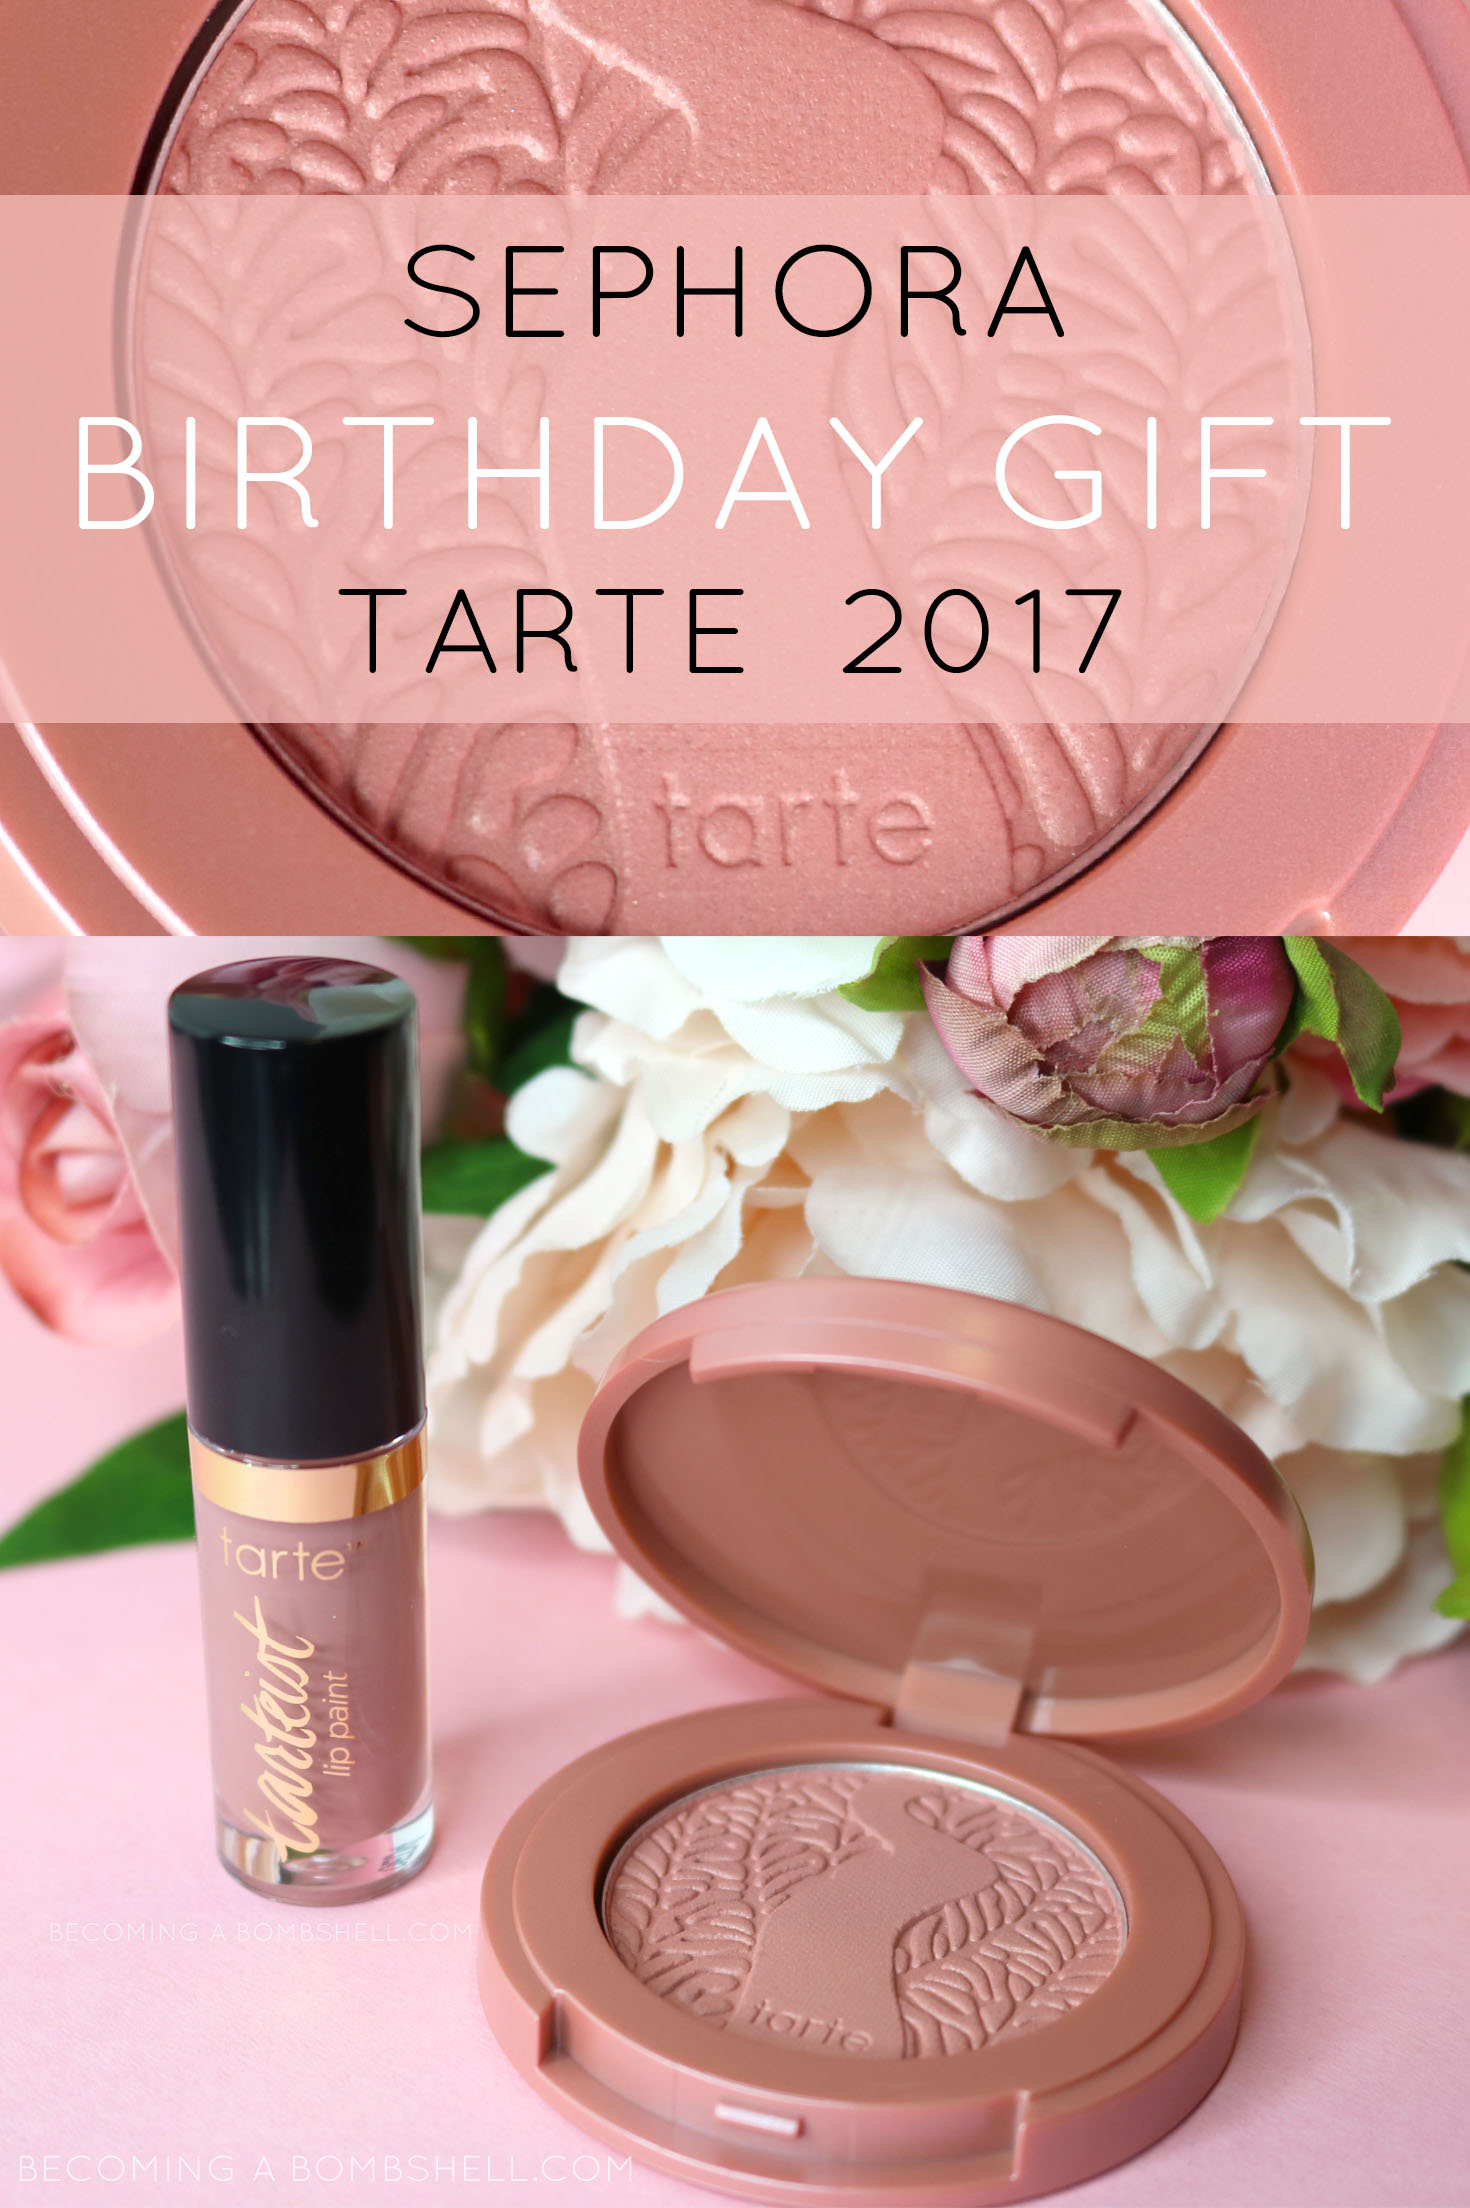 Tarte Sephora Birthday Gift 2017